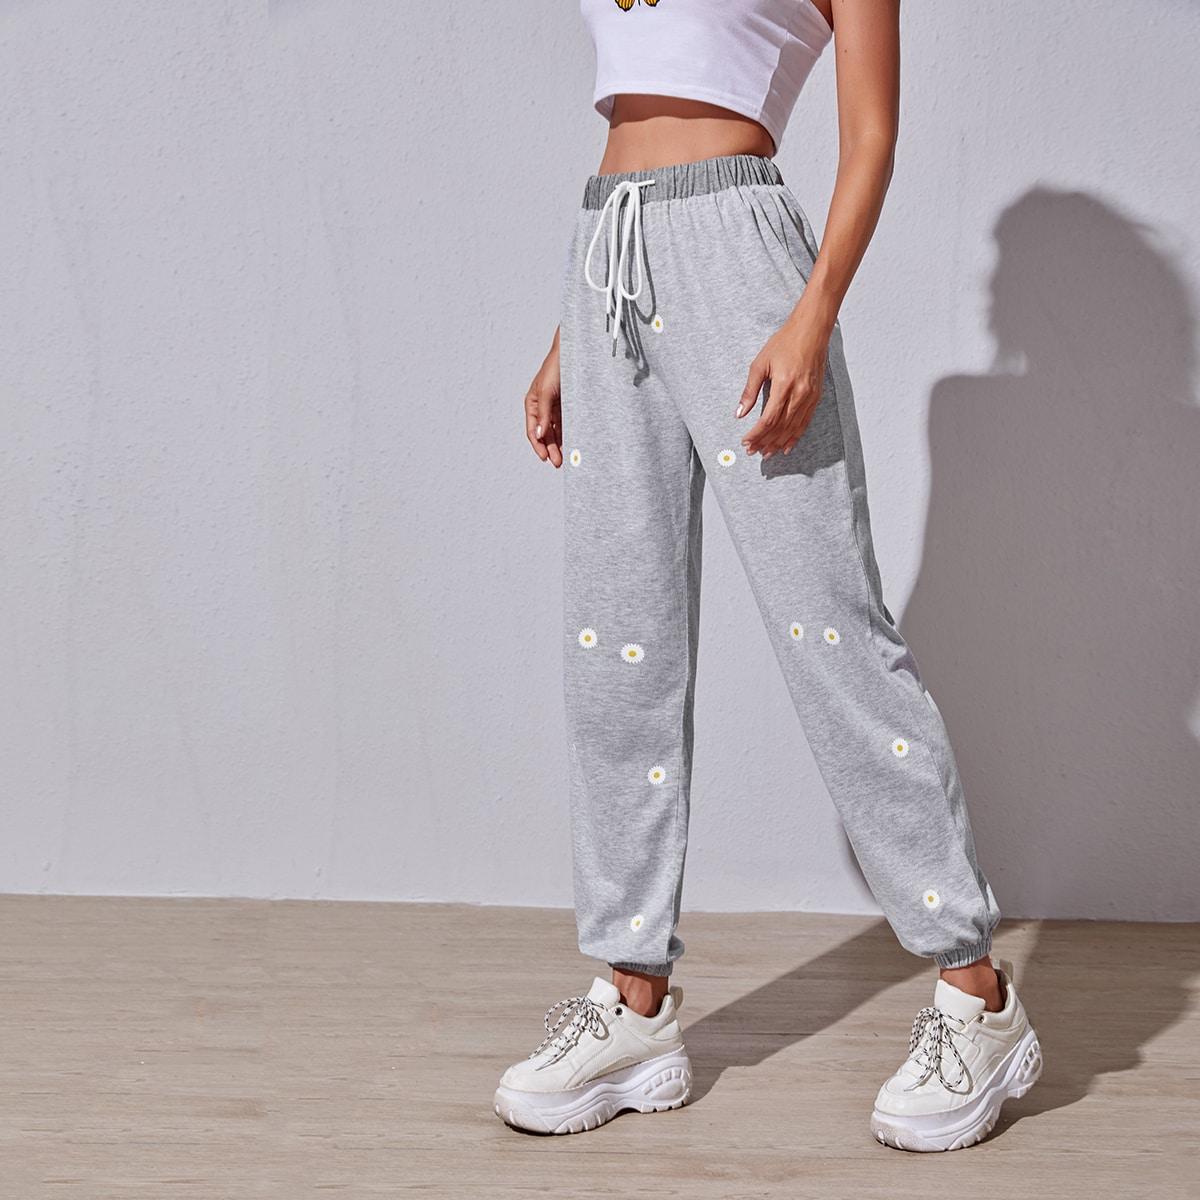 Светло-серый на кулиске Со цветочками Спортивные брюки фото